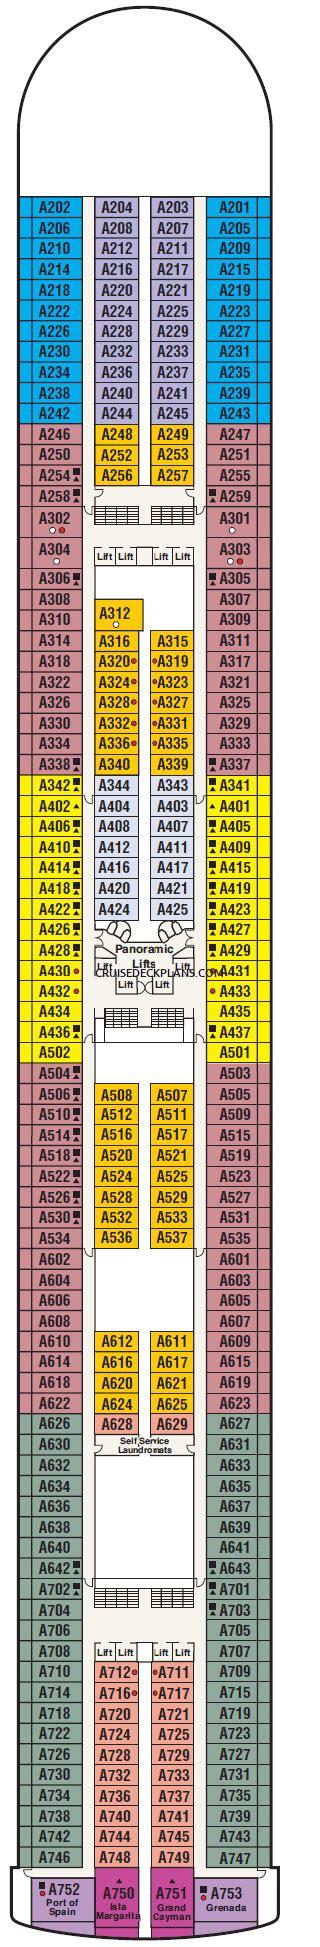 crown princess deck plan.aspx Image